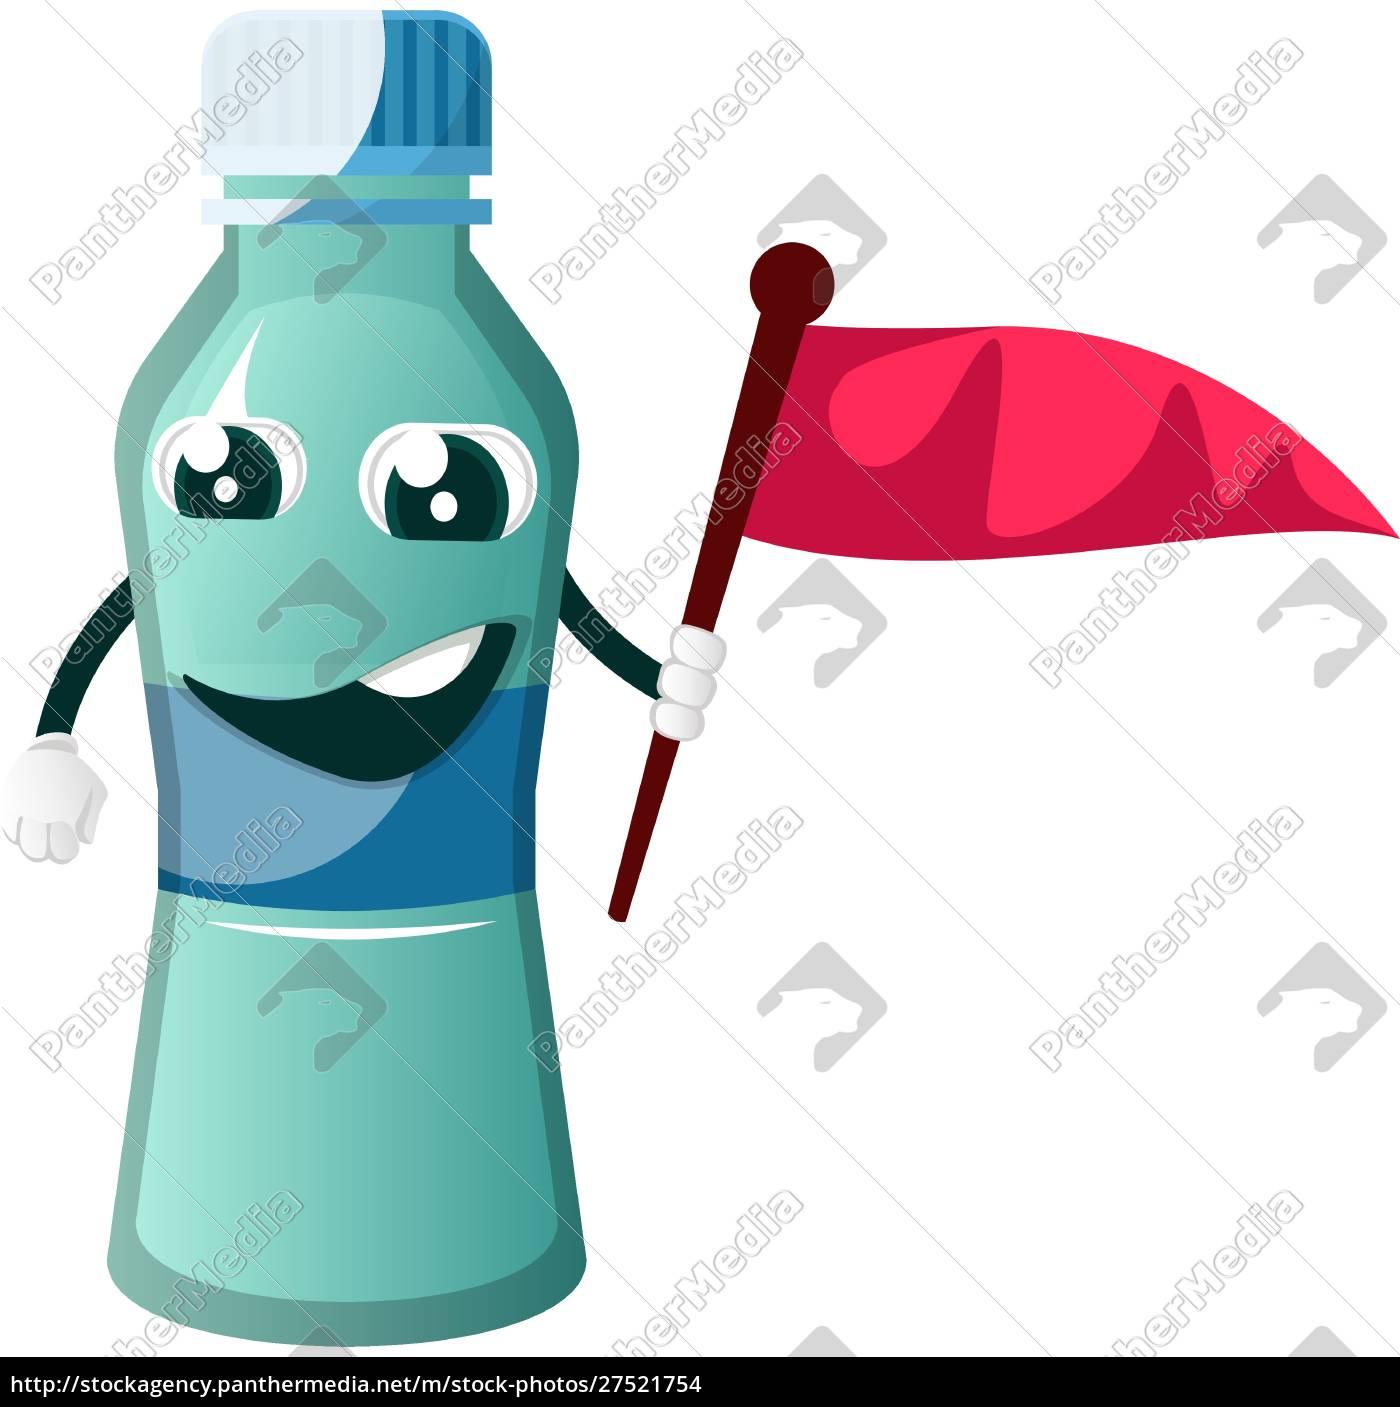 butelka, trzyma, flagę, ilustrację, wektor, na, białym, tle. - 27521754